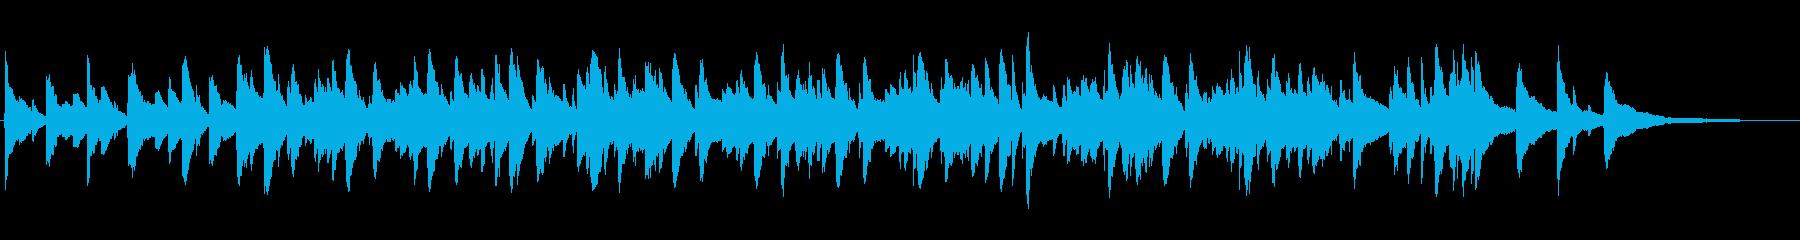 ゆったり落ち着いたピアノジャズの再生済みの波形